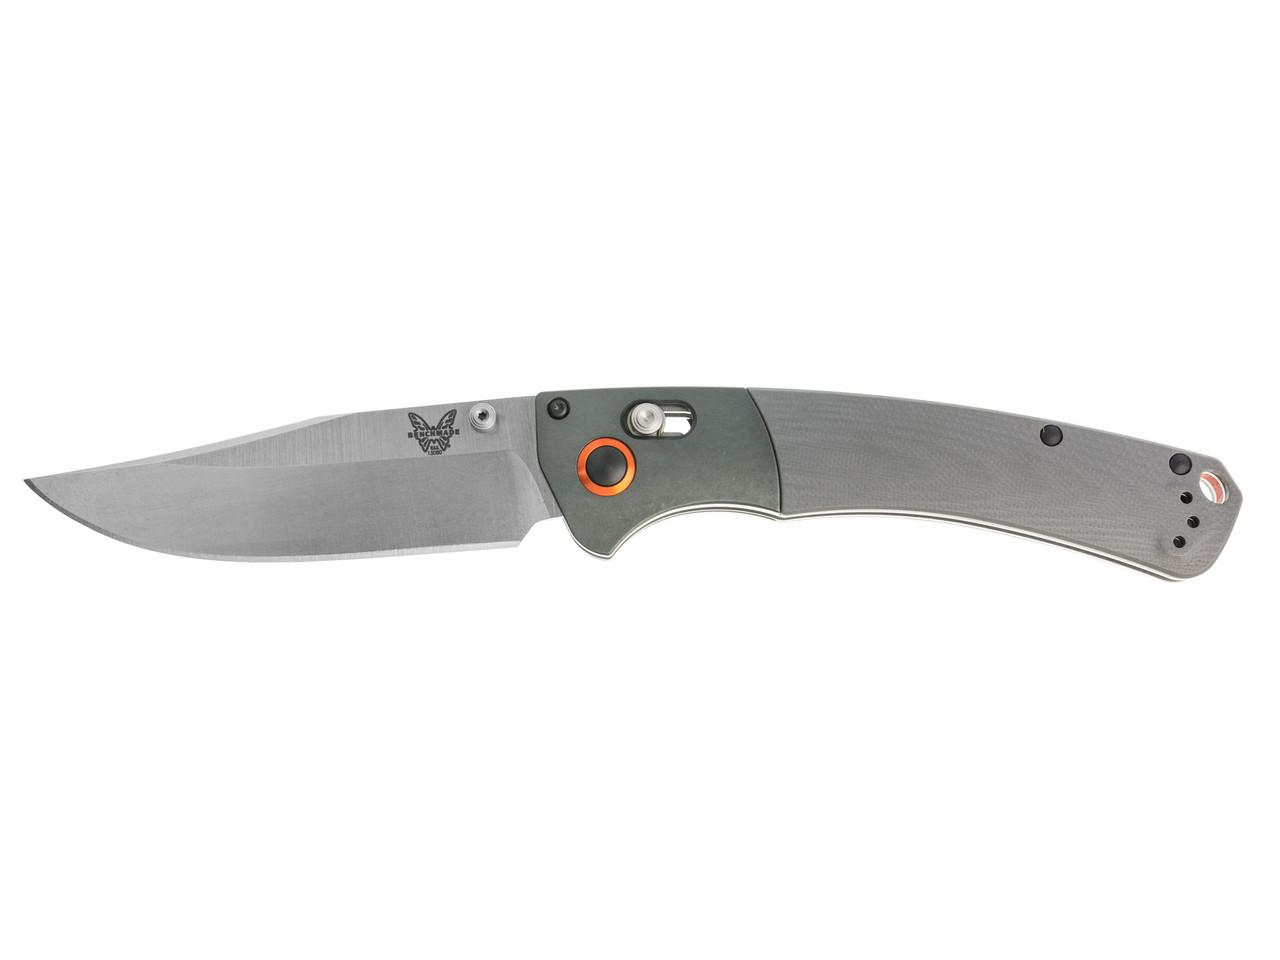 Нож Benchmade 15080-1 HUNT (136-325) KB - Интернет-магазин товаров из Европы в Львове